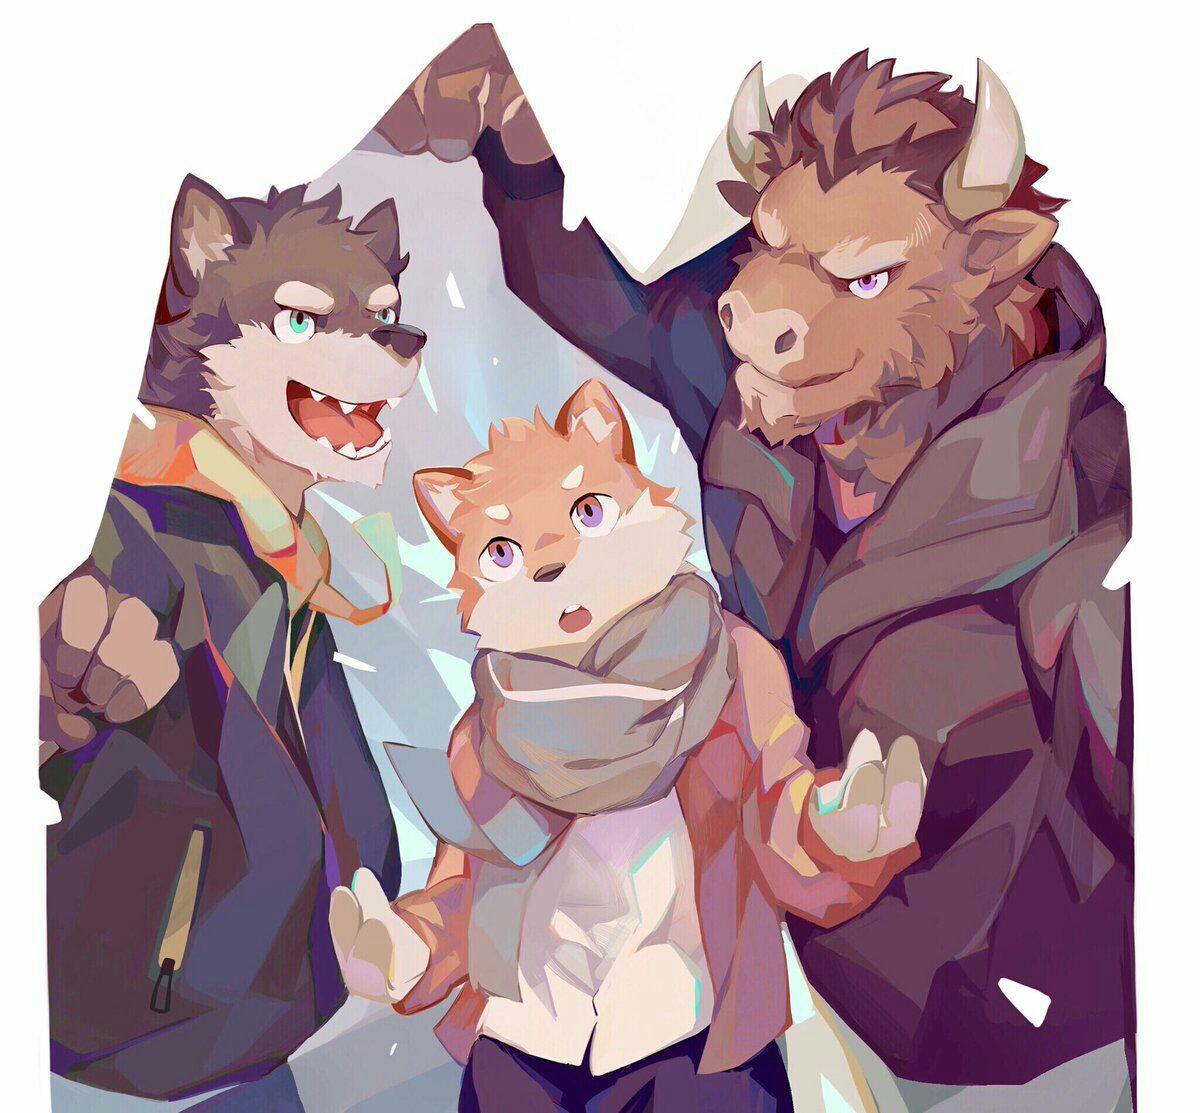 兽人图片肌肉污根_兽人动漫_动漫肌肉兽人基漫画_动漫肌肉兽人-圈子花园图片